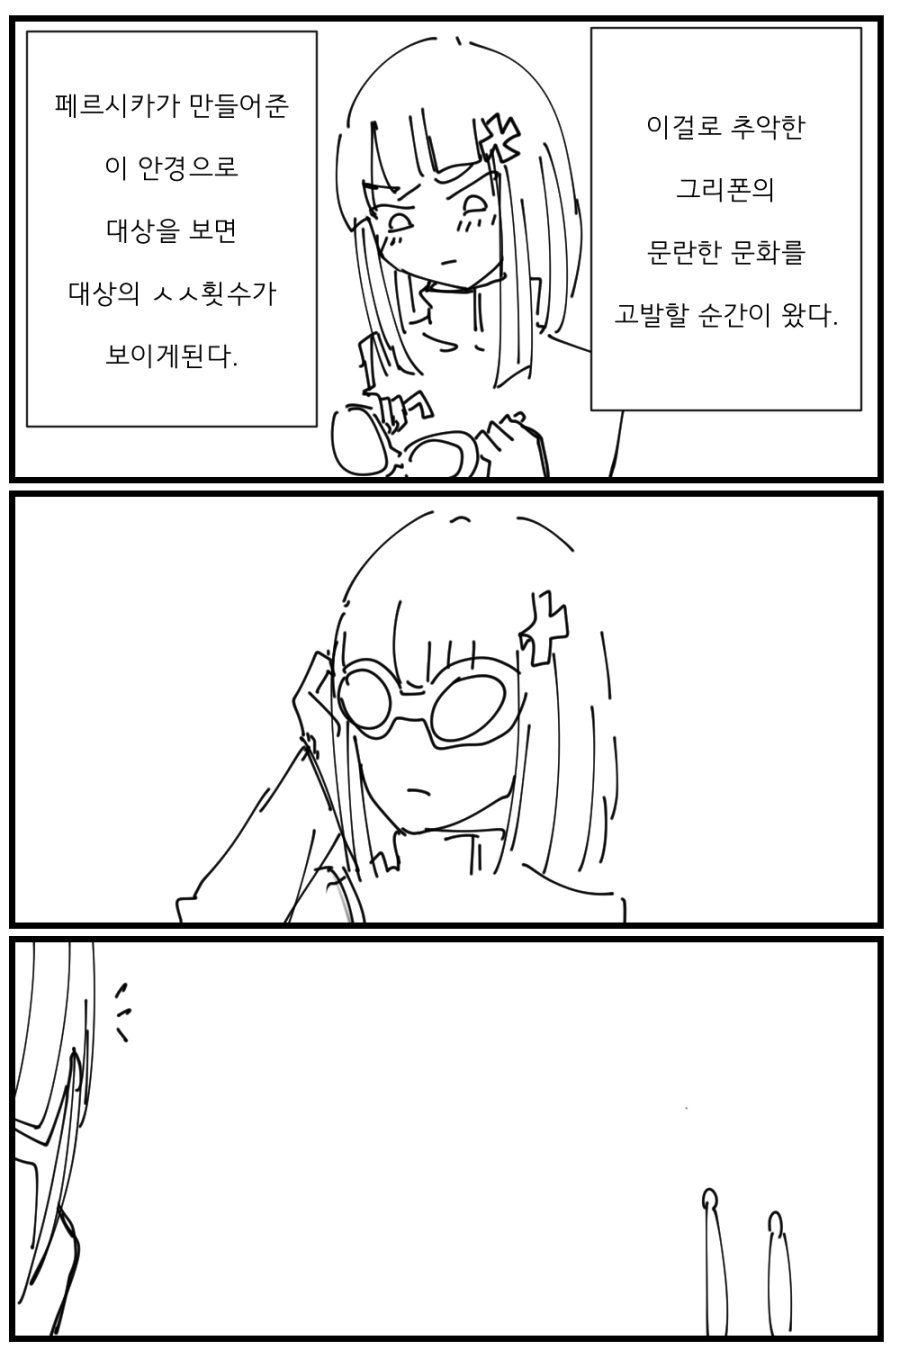 소녀전선. ㅅㅅ횟수가 보이는 안경 망가.